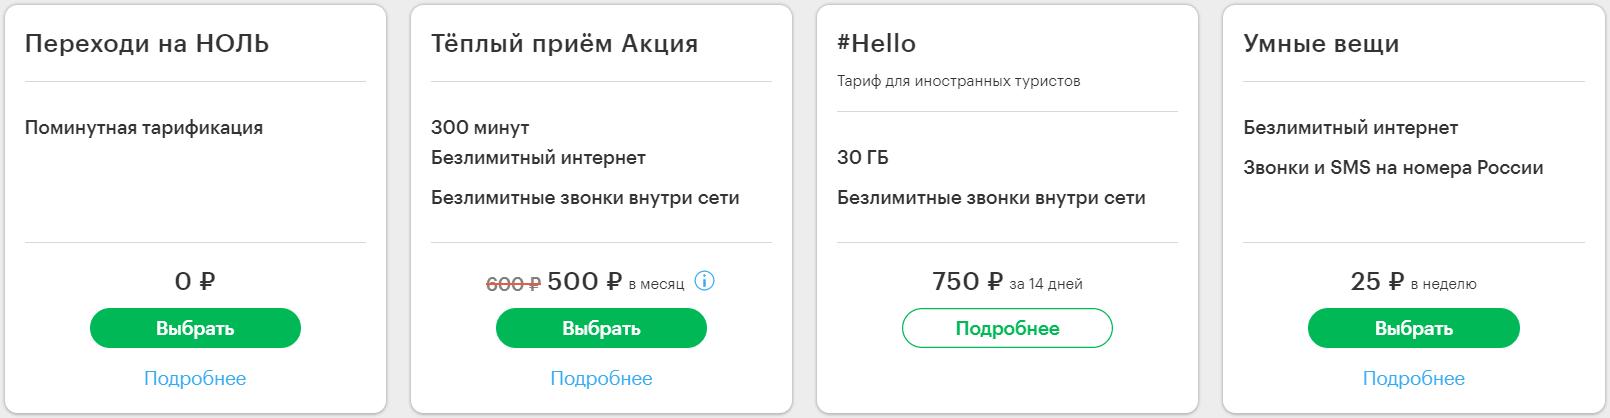 Остальные тарифы Мегафон в Подольске